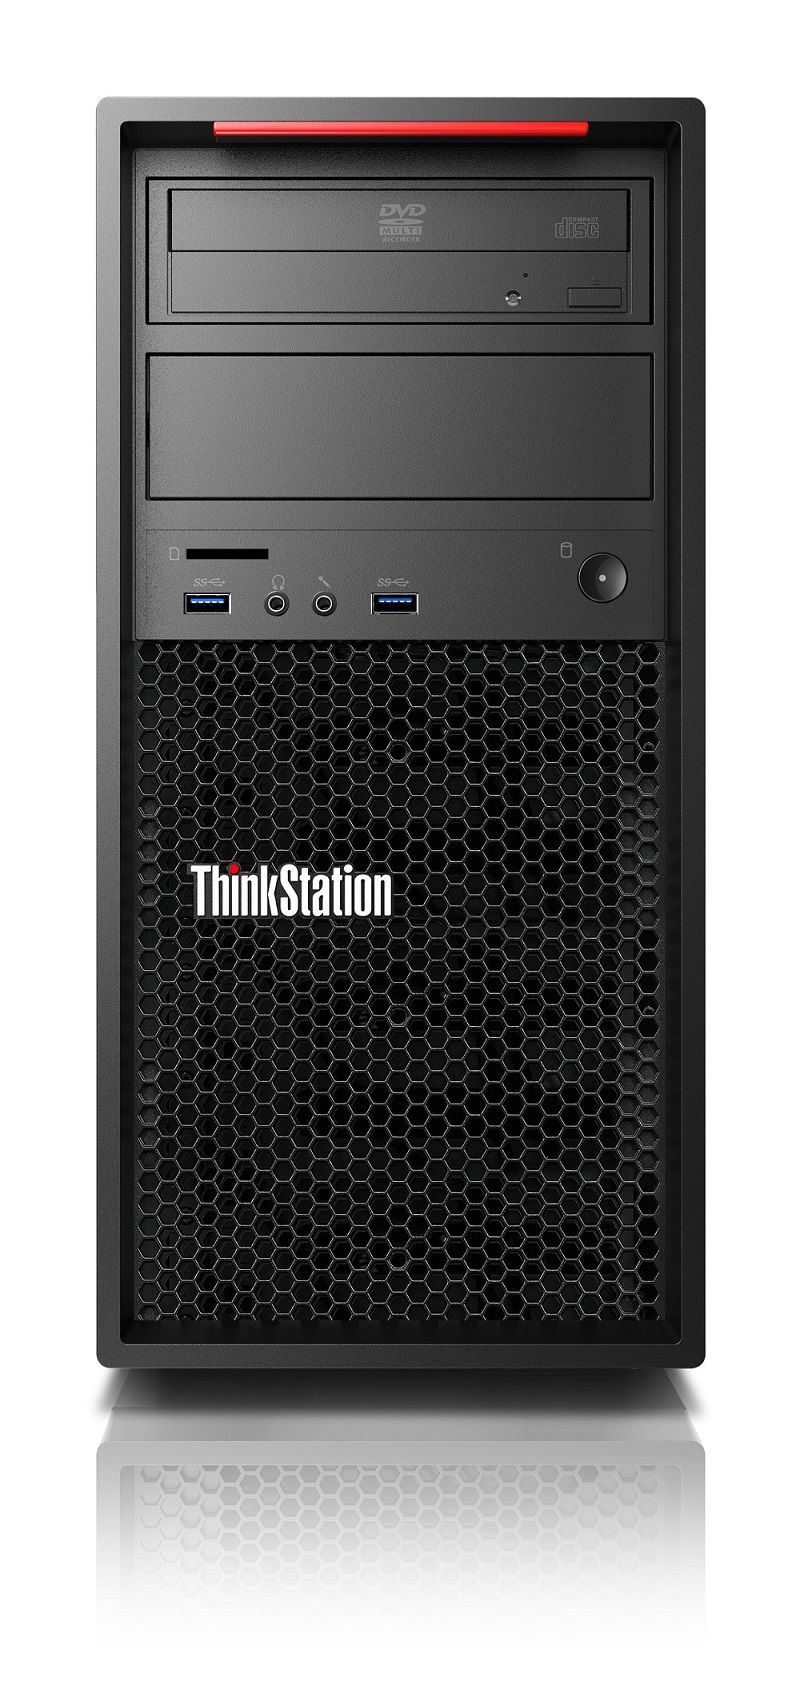 ThinkStation P310 TWR/i5-6500/4GB/1TB/DVD/HD/Win 7 Pro + 10 Pro